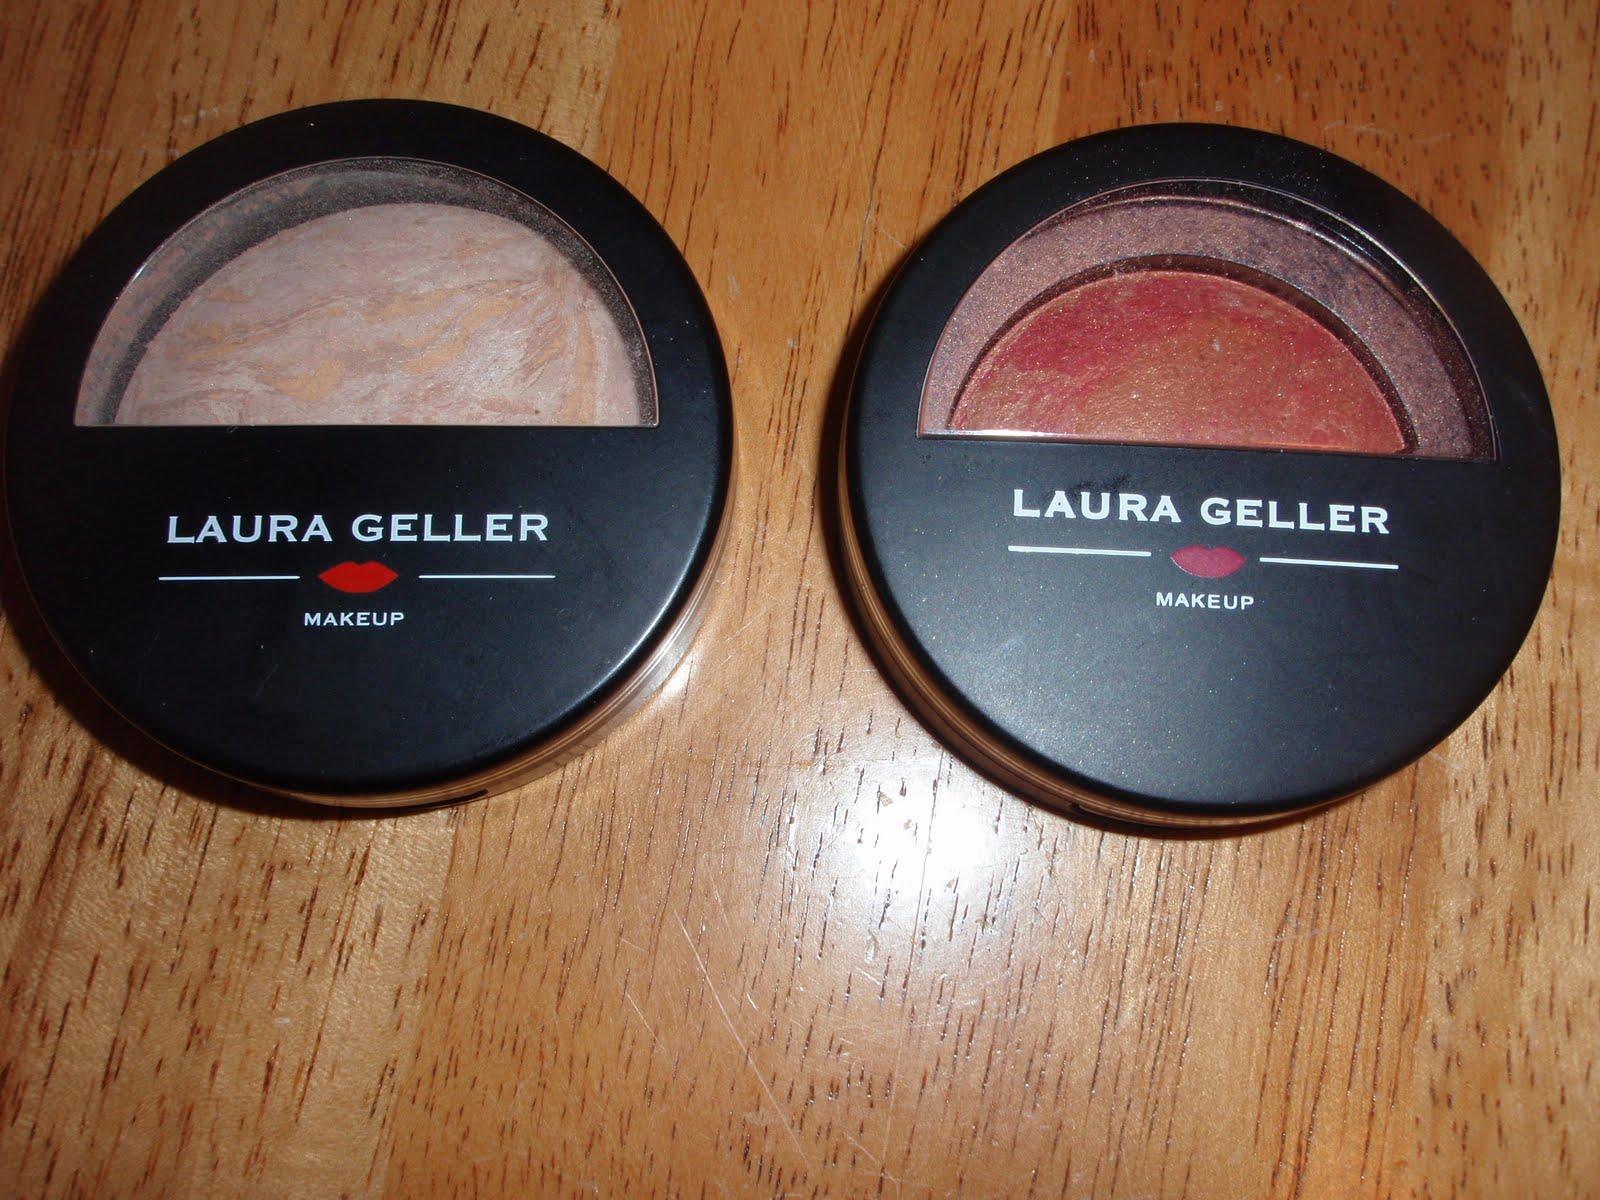 Laura Geller Baby Cakes Eyeshadow Palette